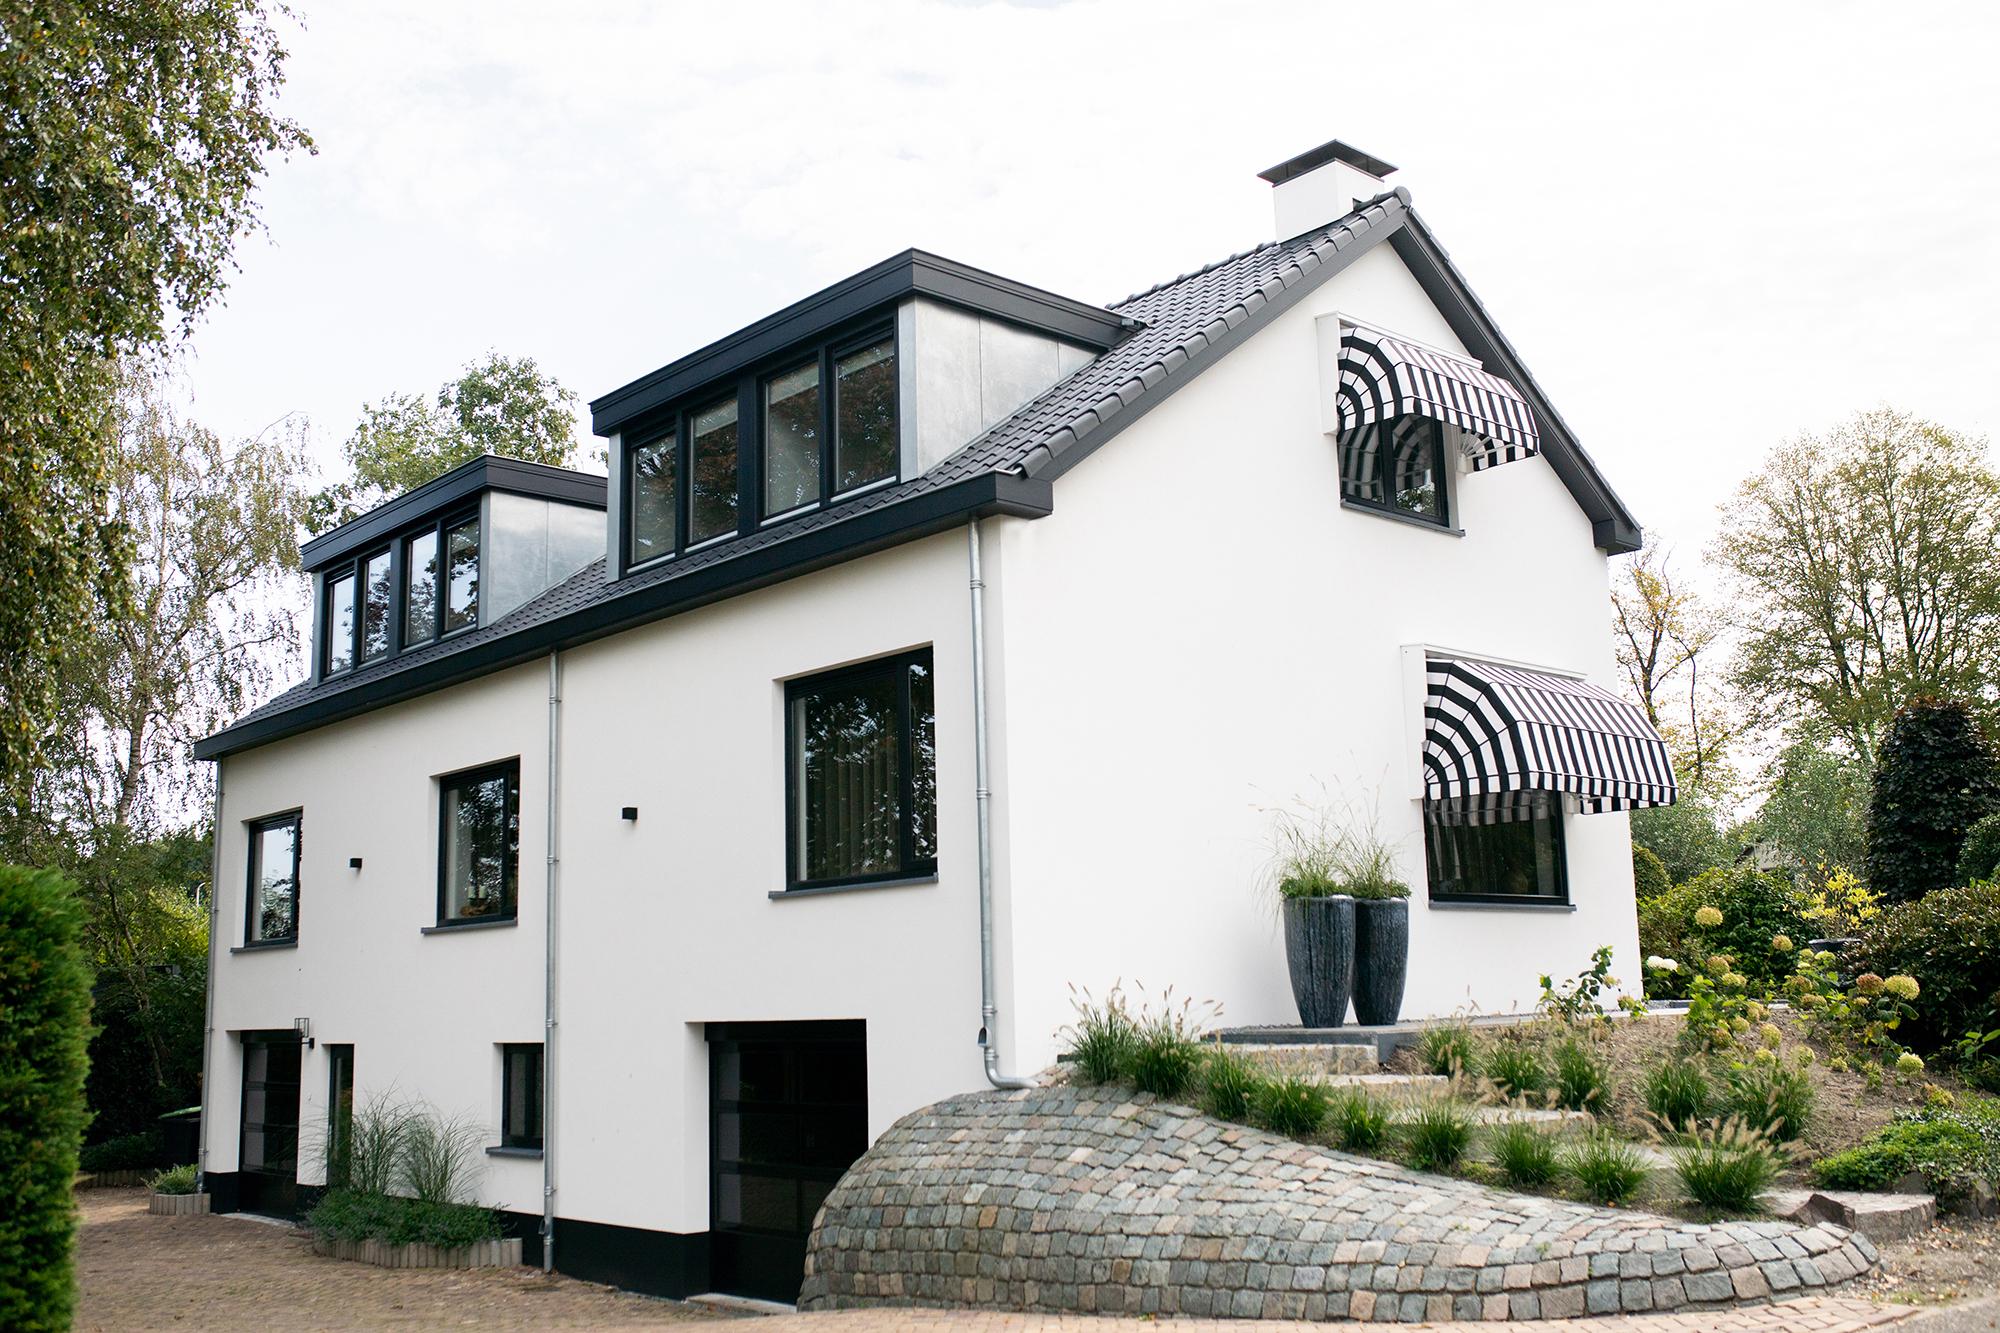 Rietveld interieurbouw oudewater verbouwing renovatie15